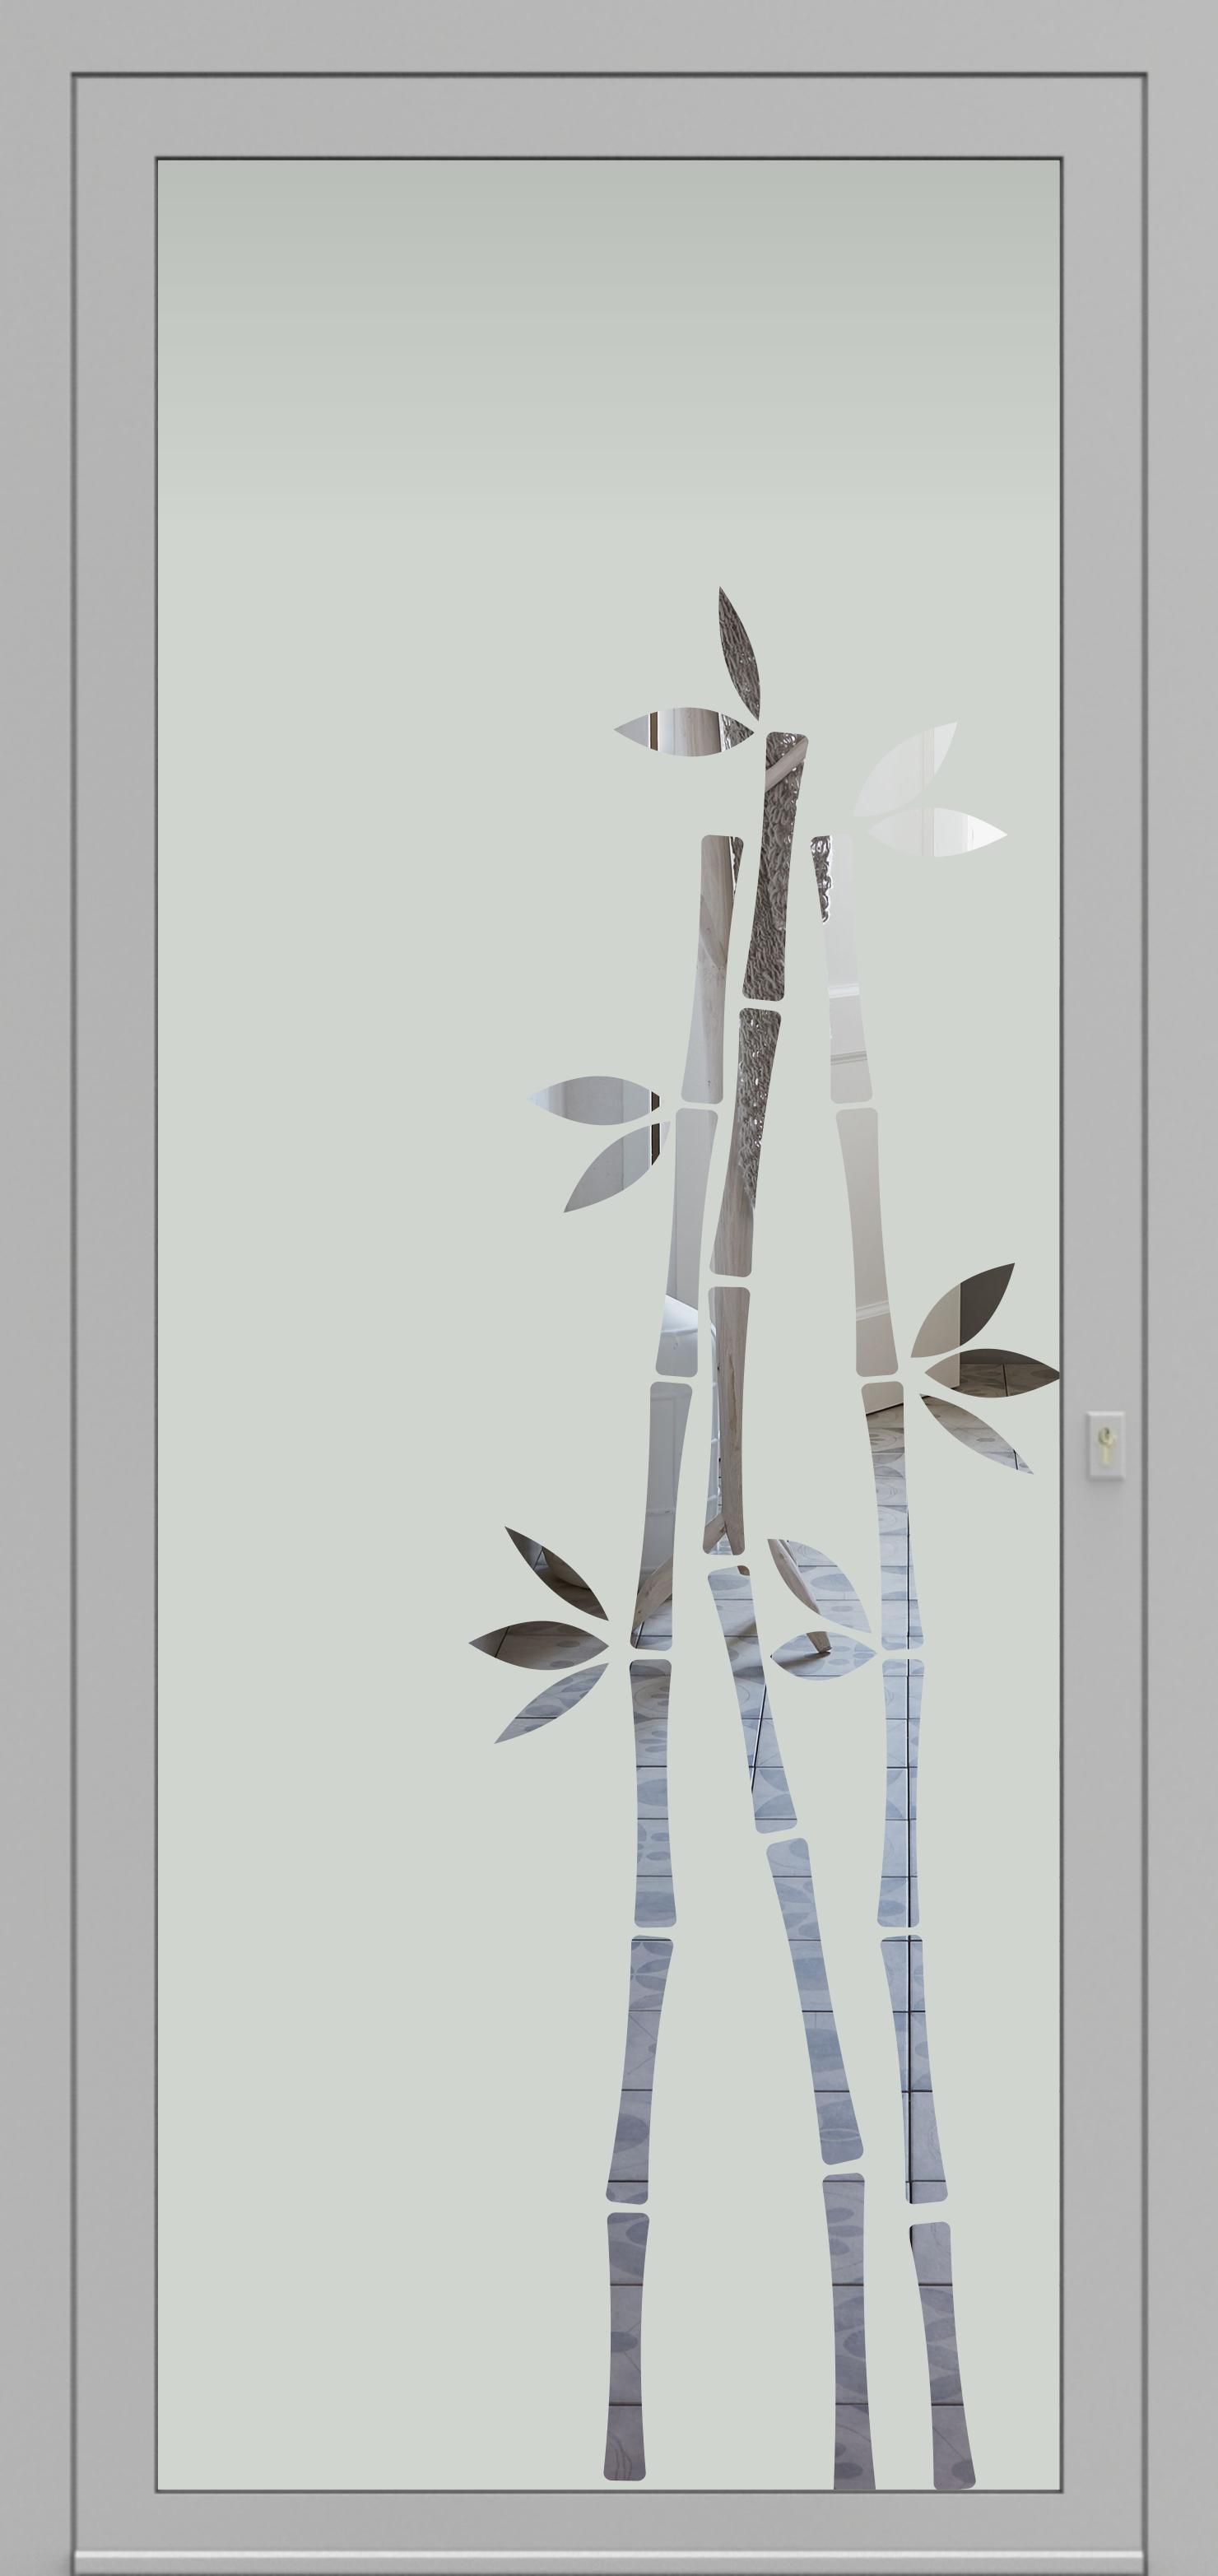 Porte d'entrée DECOVER 2/11 de la gamme Decover posée par les établissements CELEREAU à Roncq